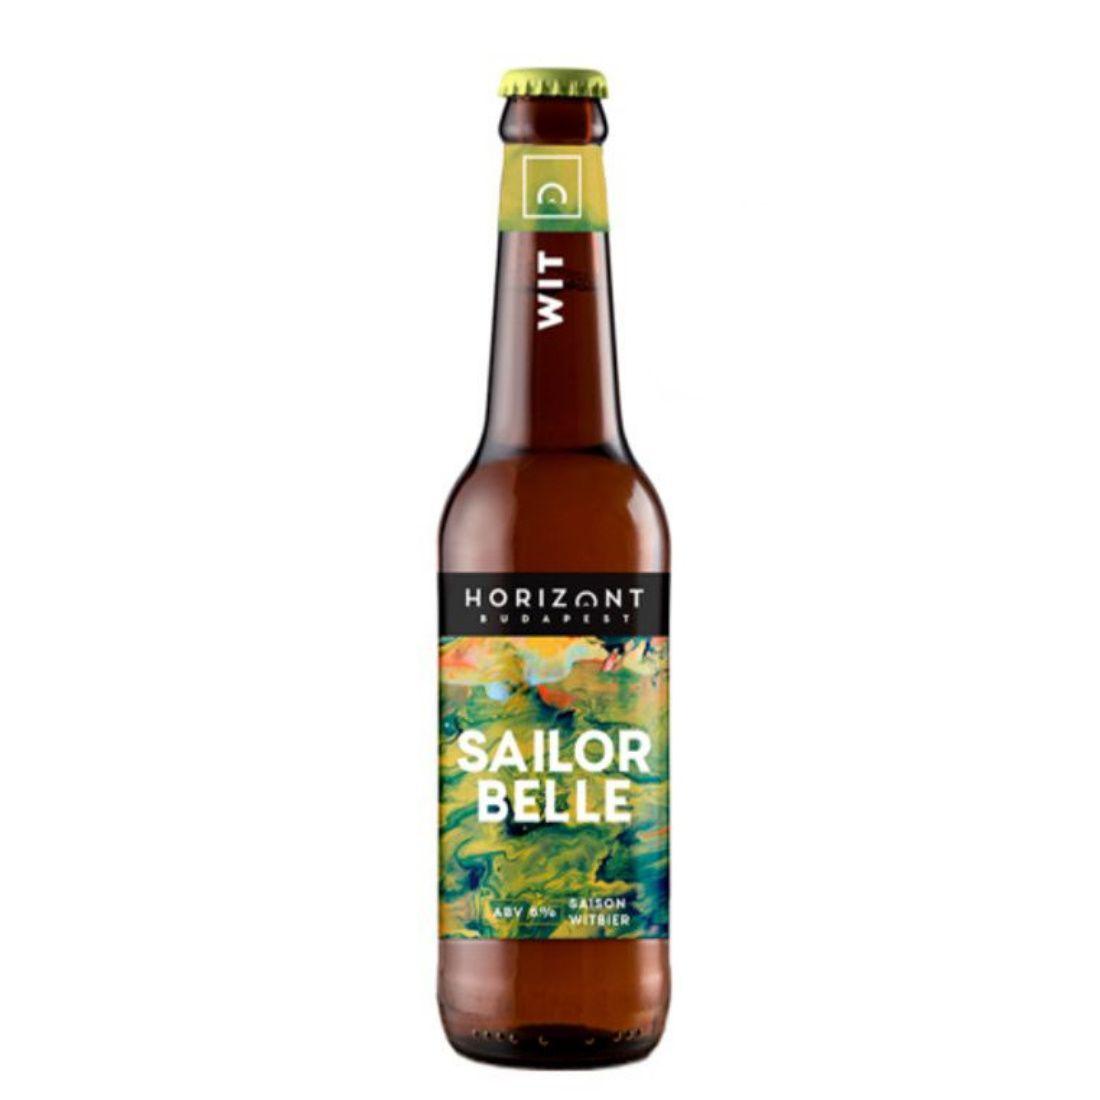 Horizont Sailor Belle 0,33 6,0%